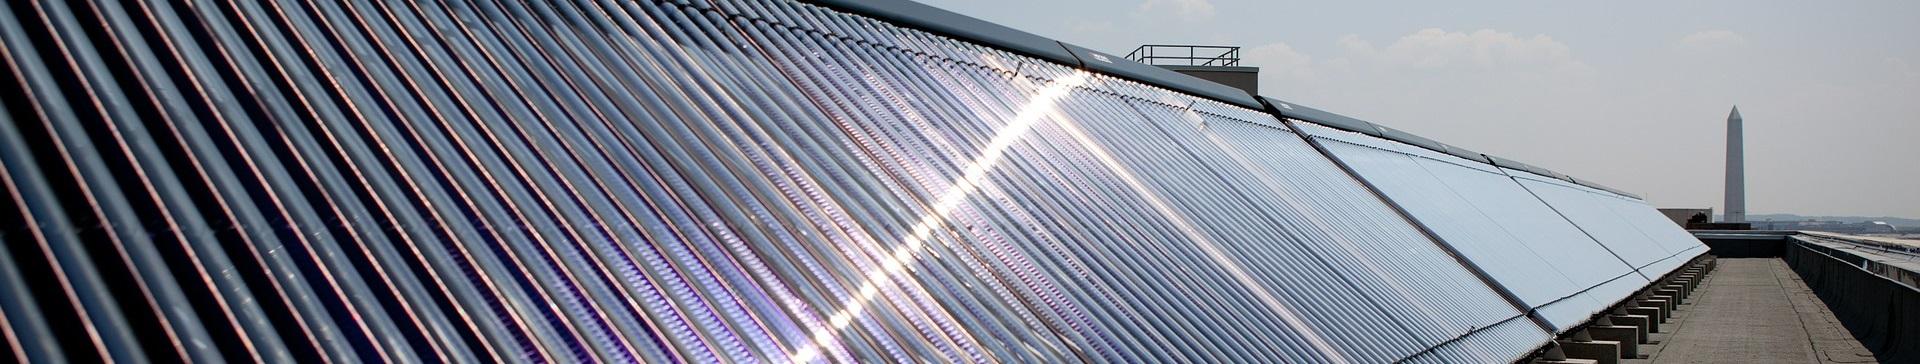 Rafraîchissement solaire thermique